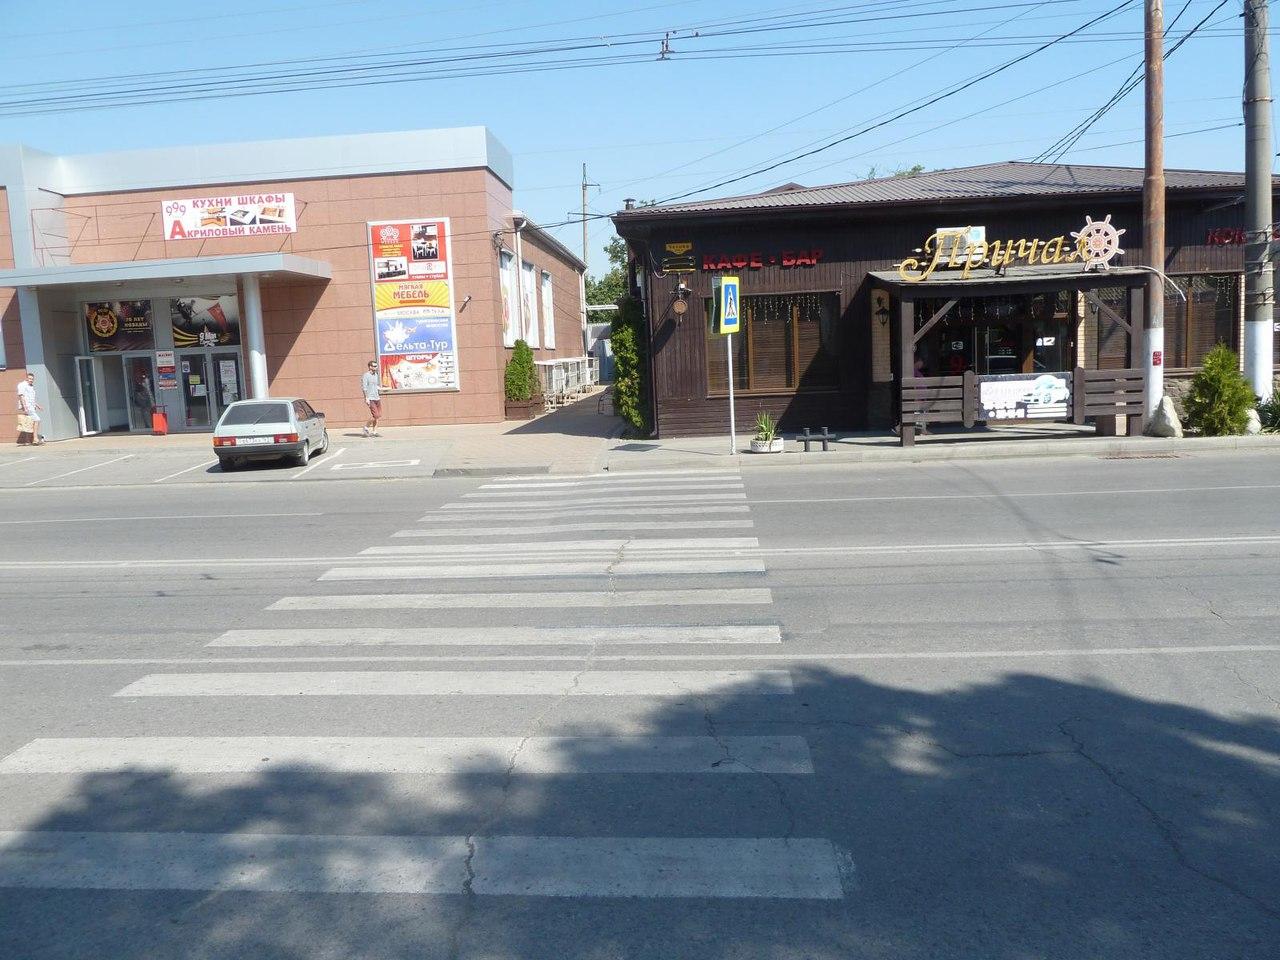 Сегодня утром в Таганроге водитель LADA Kalina сбил женщину с двухлетним ребенком на пешеходном переходе